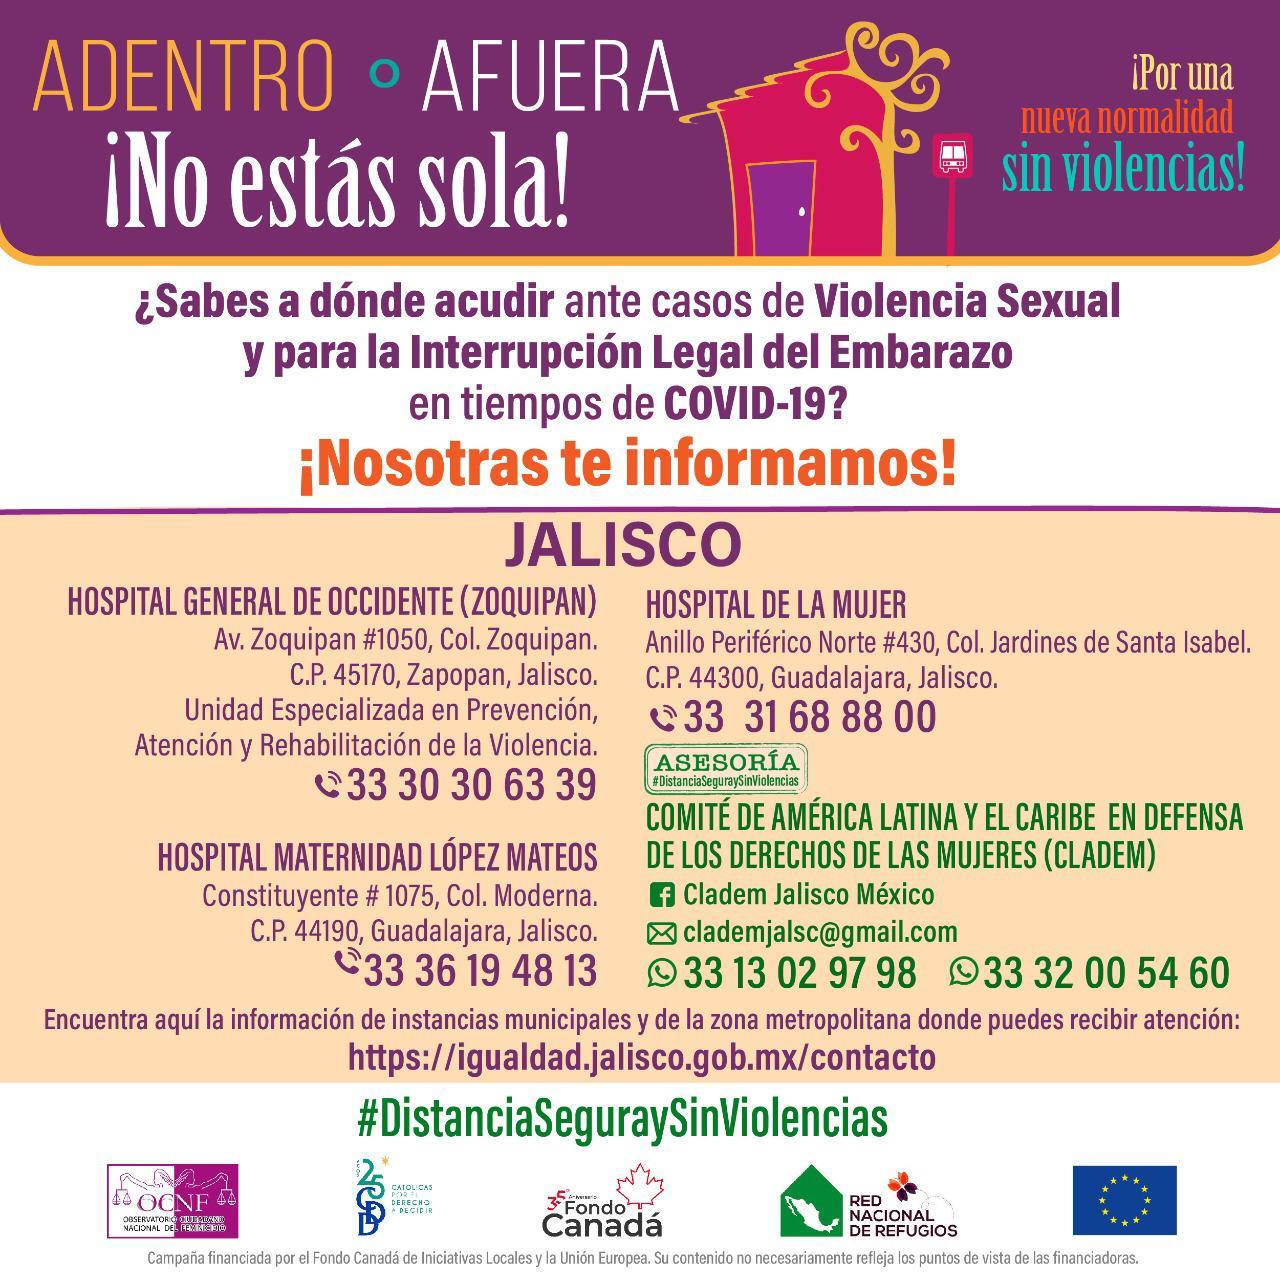 ¿Sabes a dónde acudir ante casos de Violencia Sexual y para la Interrupción Legal del Embarazo en ti